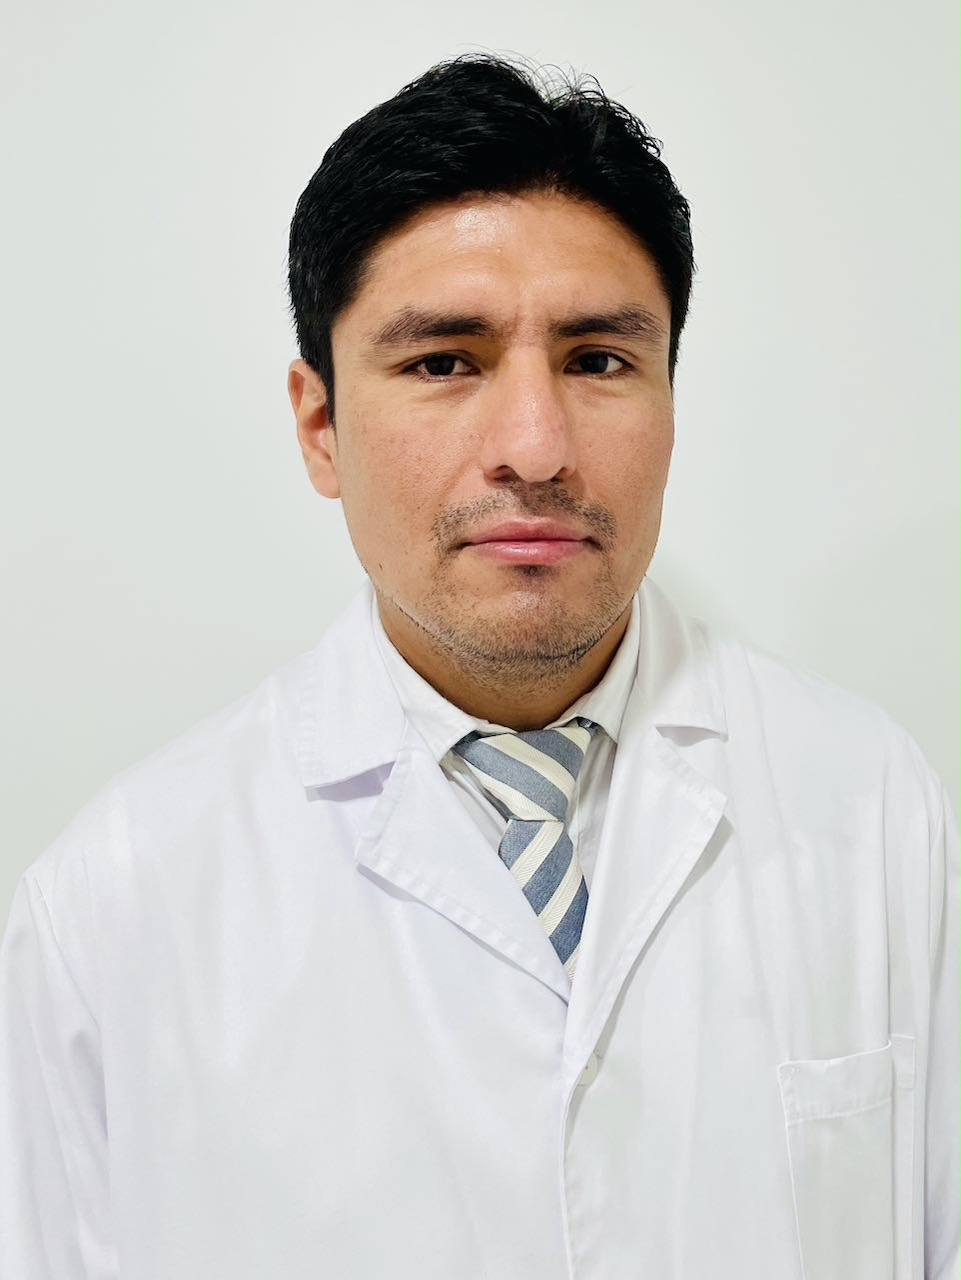 dr-jimy-jara-quezada